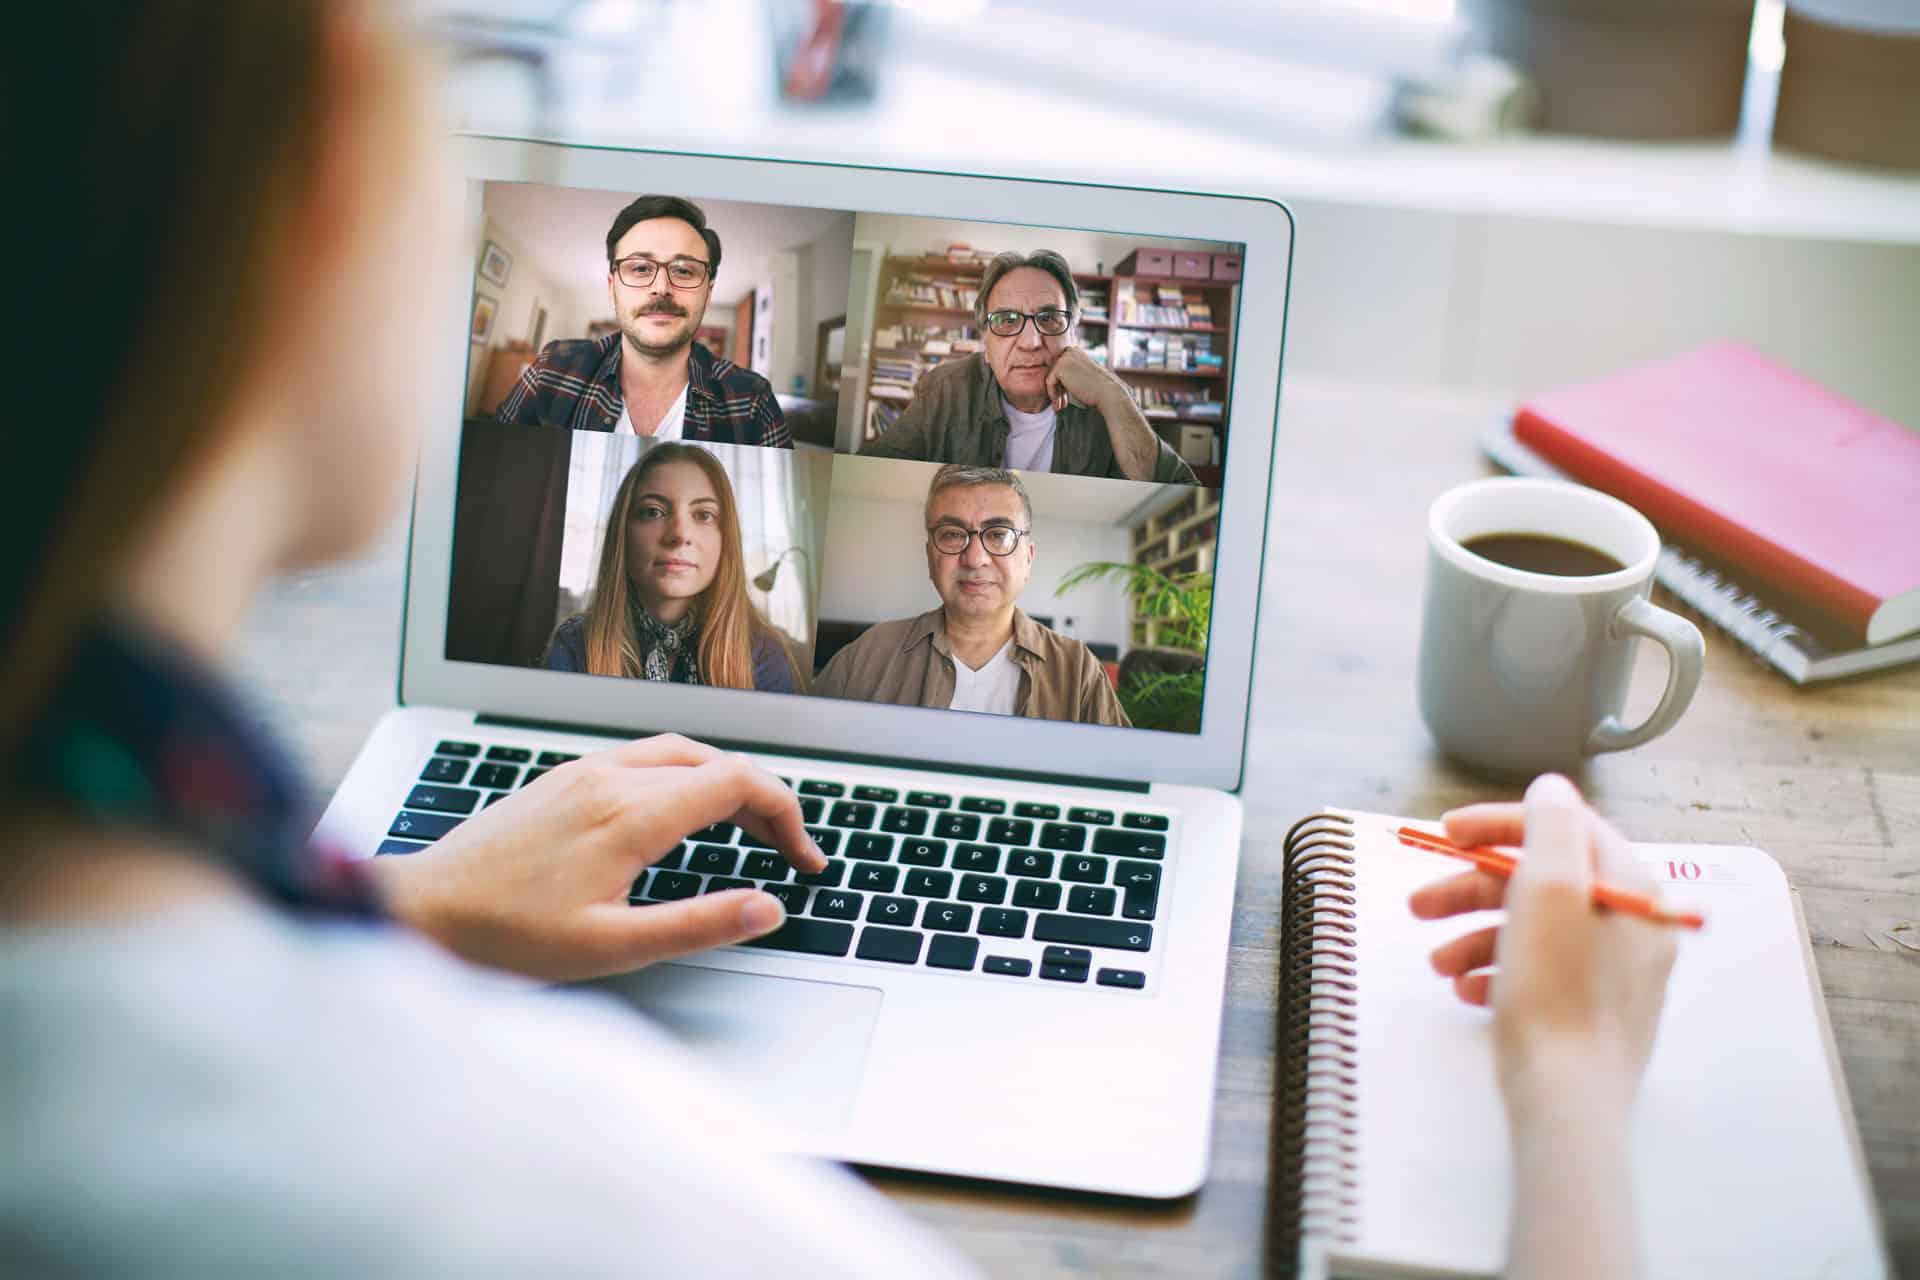 Digitale Konferenz über den Laptop